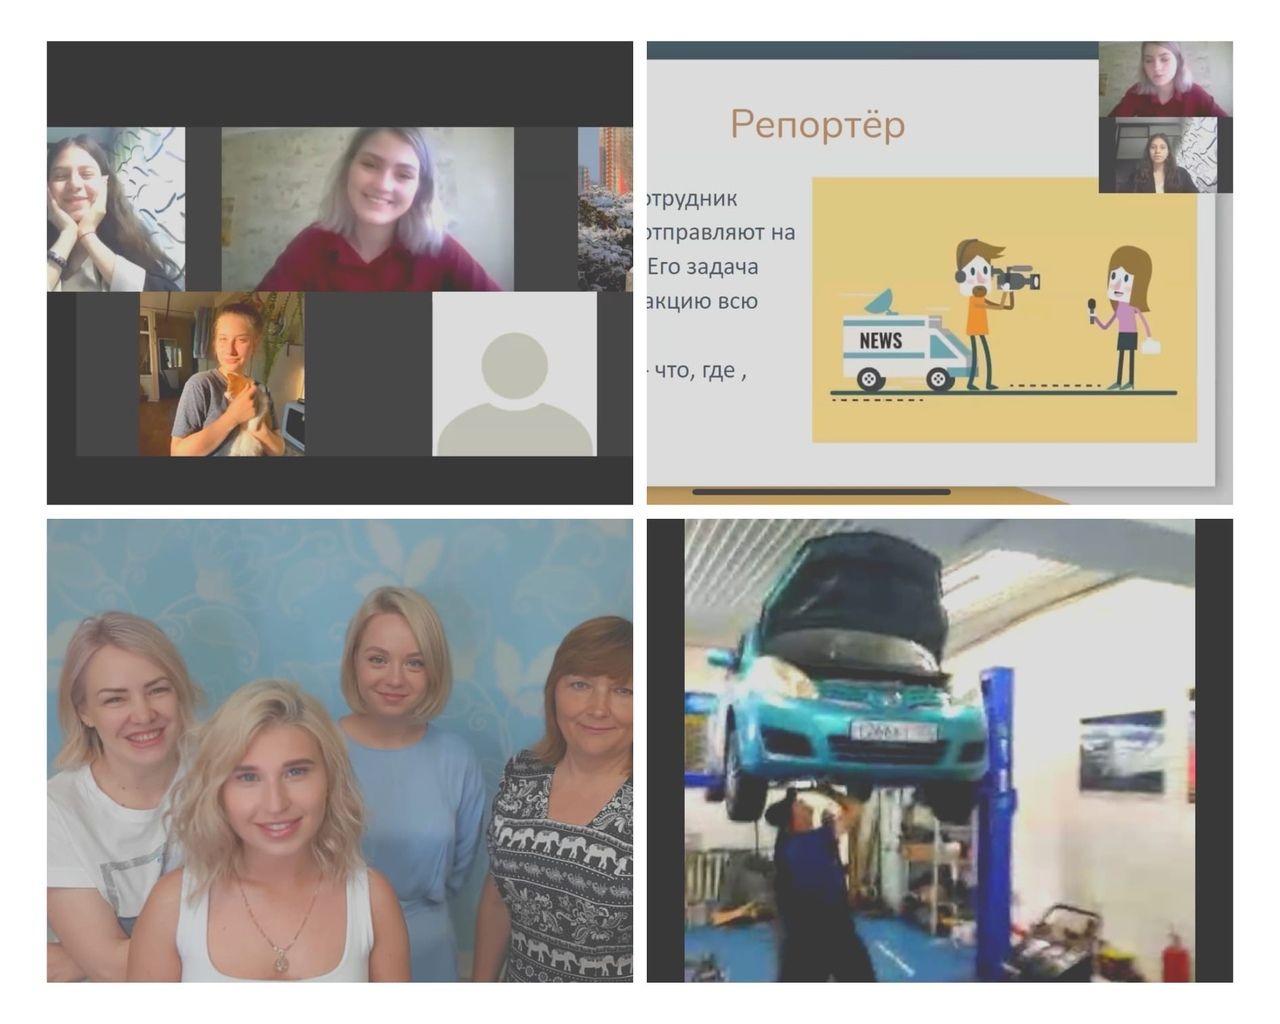 В Профильной онлайн-смене ВГУЭС прошла первая неделя занятий